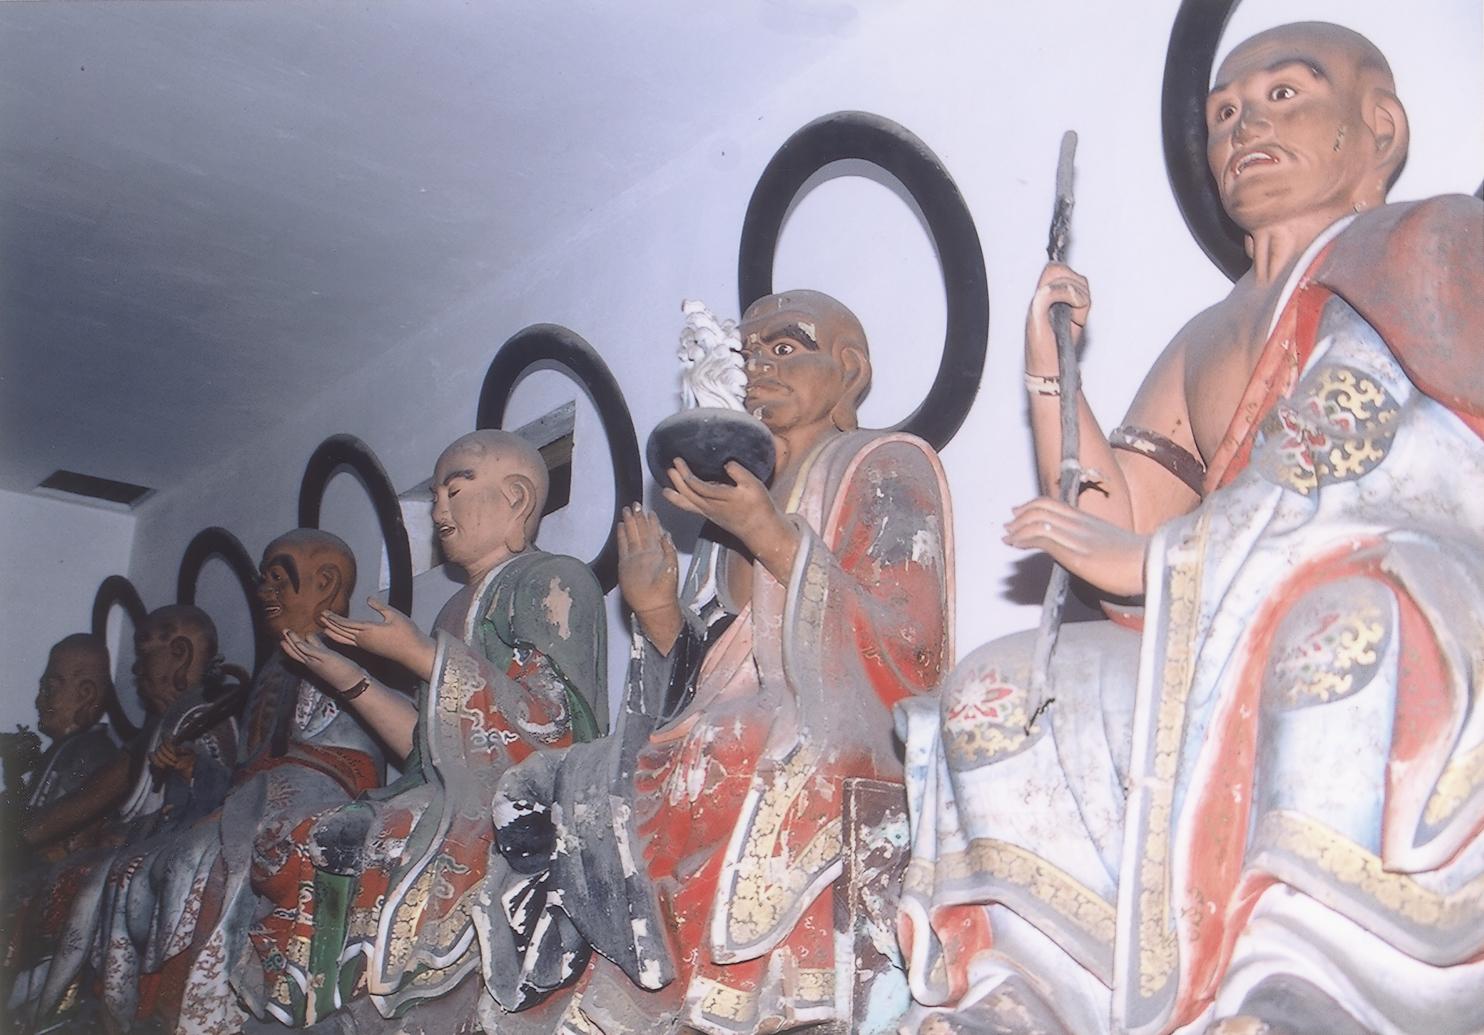 木造 十六羅漢像